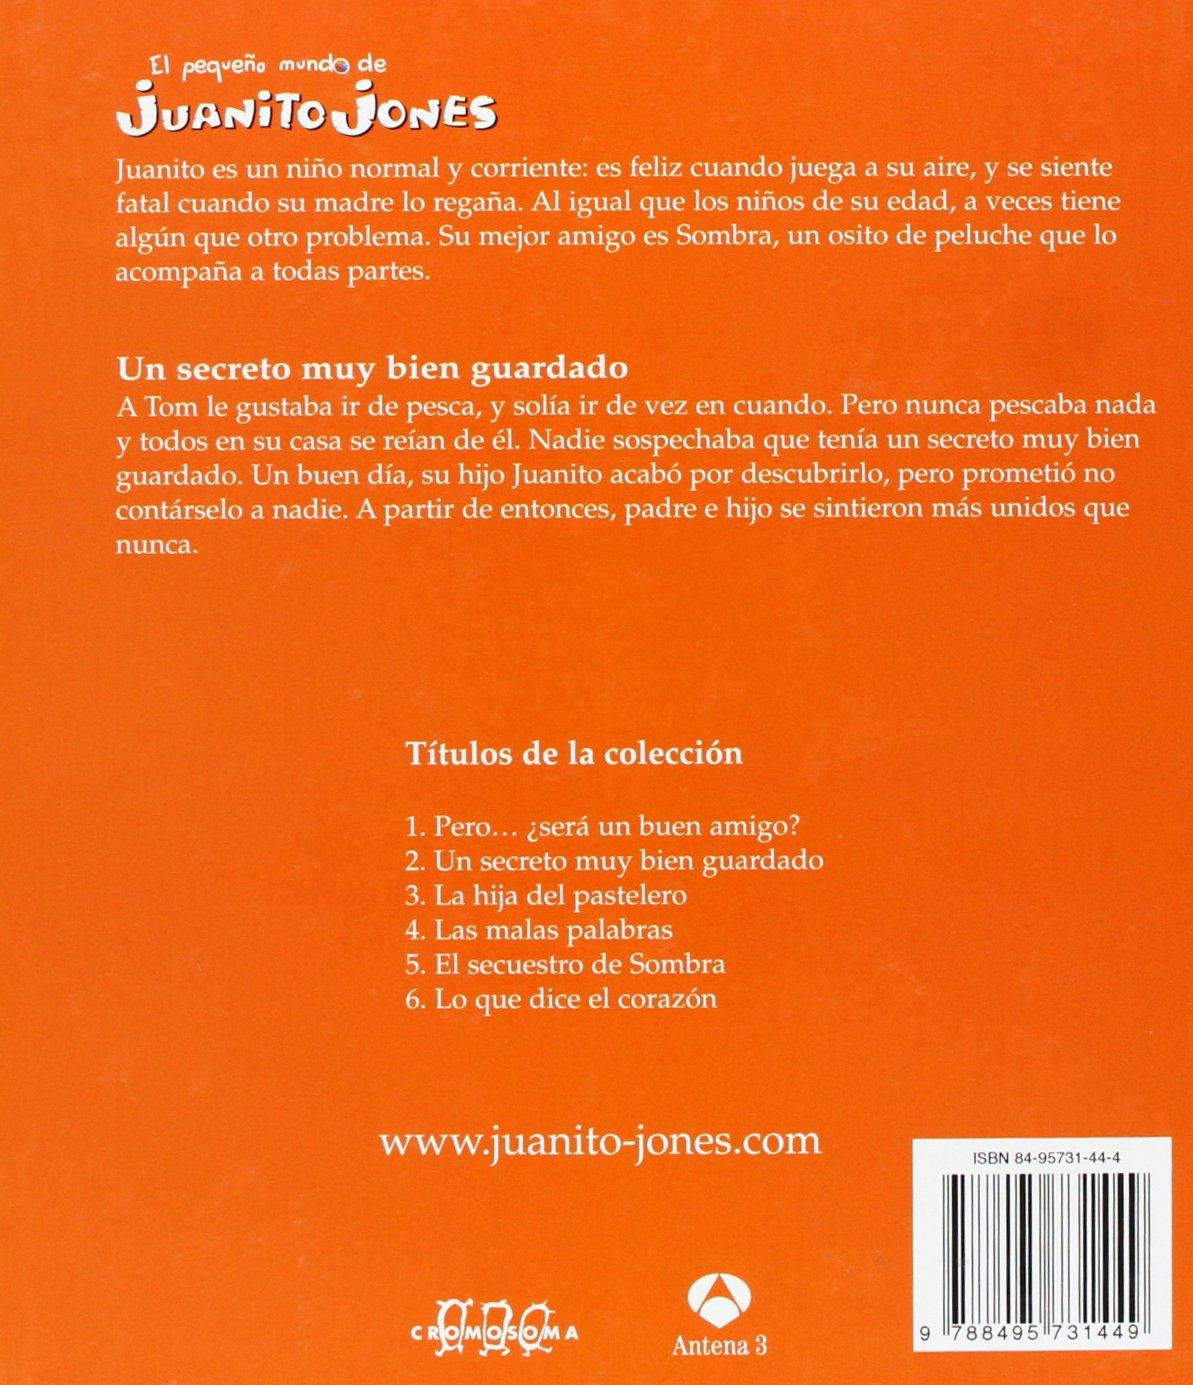 UN SECRETO MUY BIEN GUARDADO JUANITO JONES: RICARDO ALCANTARA GUSTI: 9788495731449: Amazon.com: Books